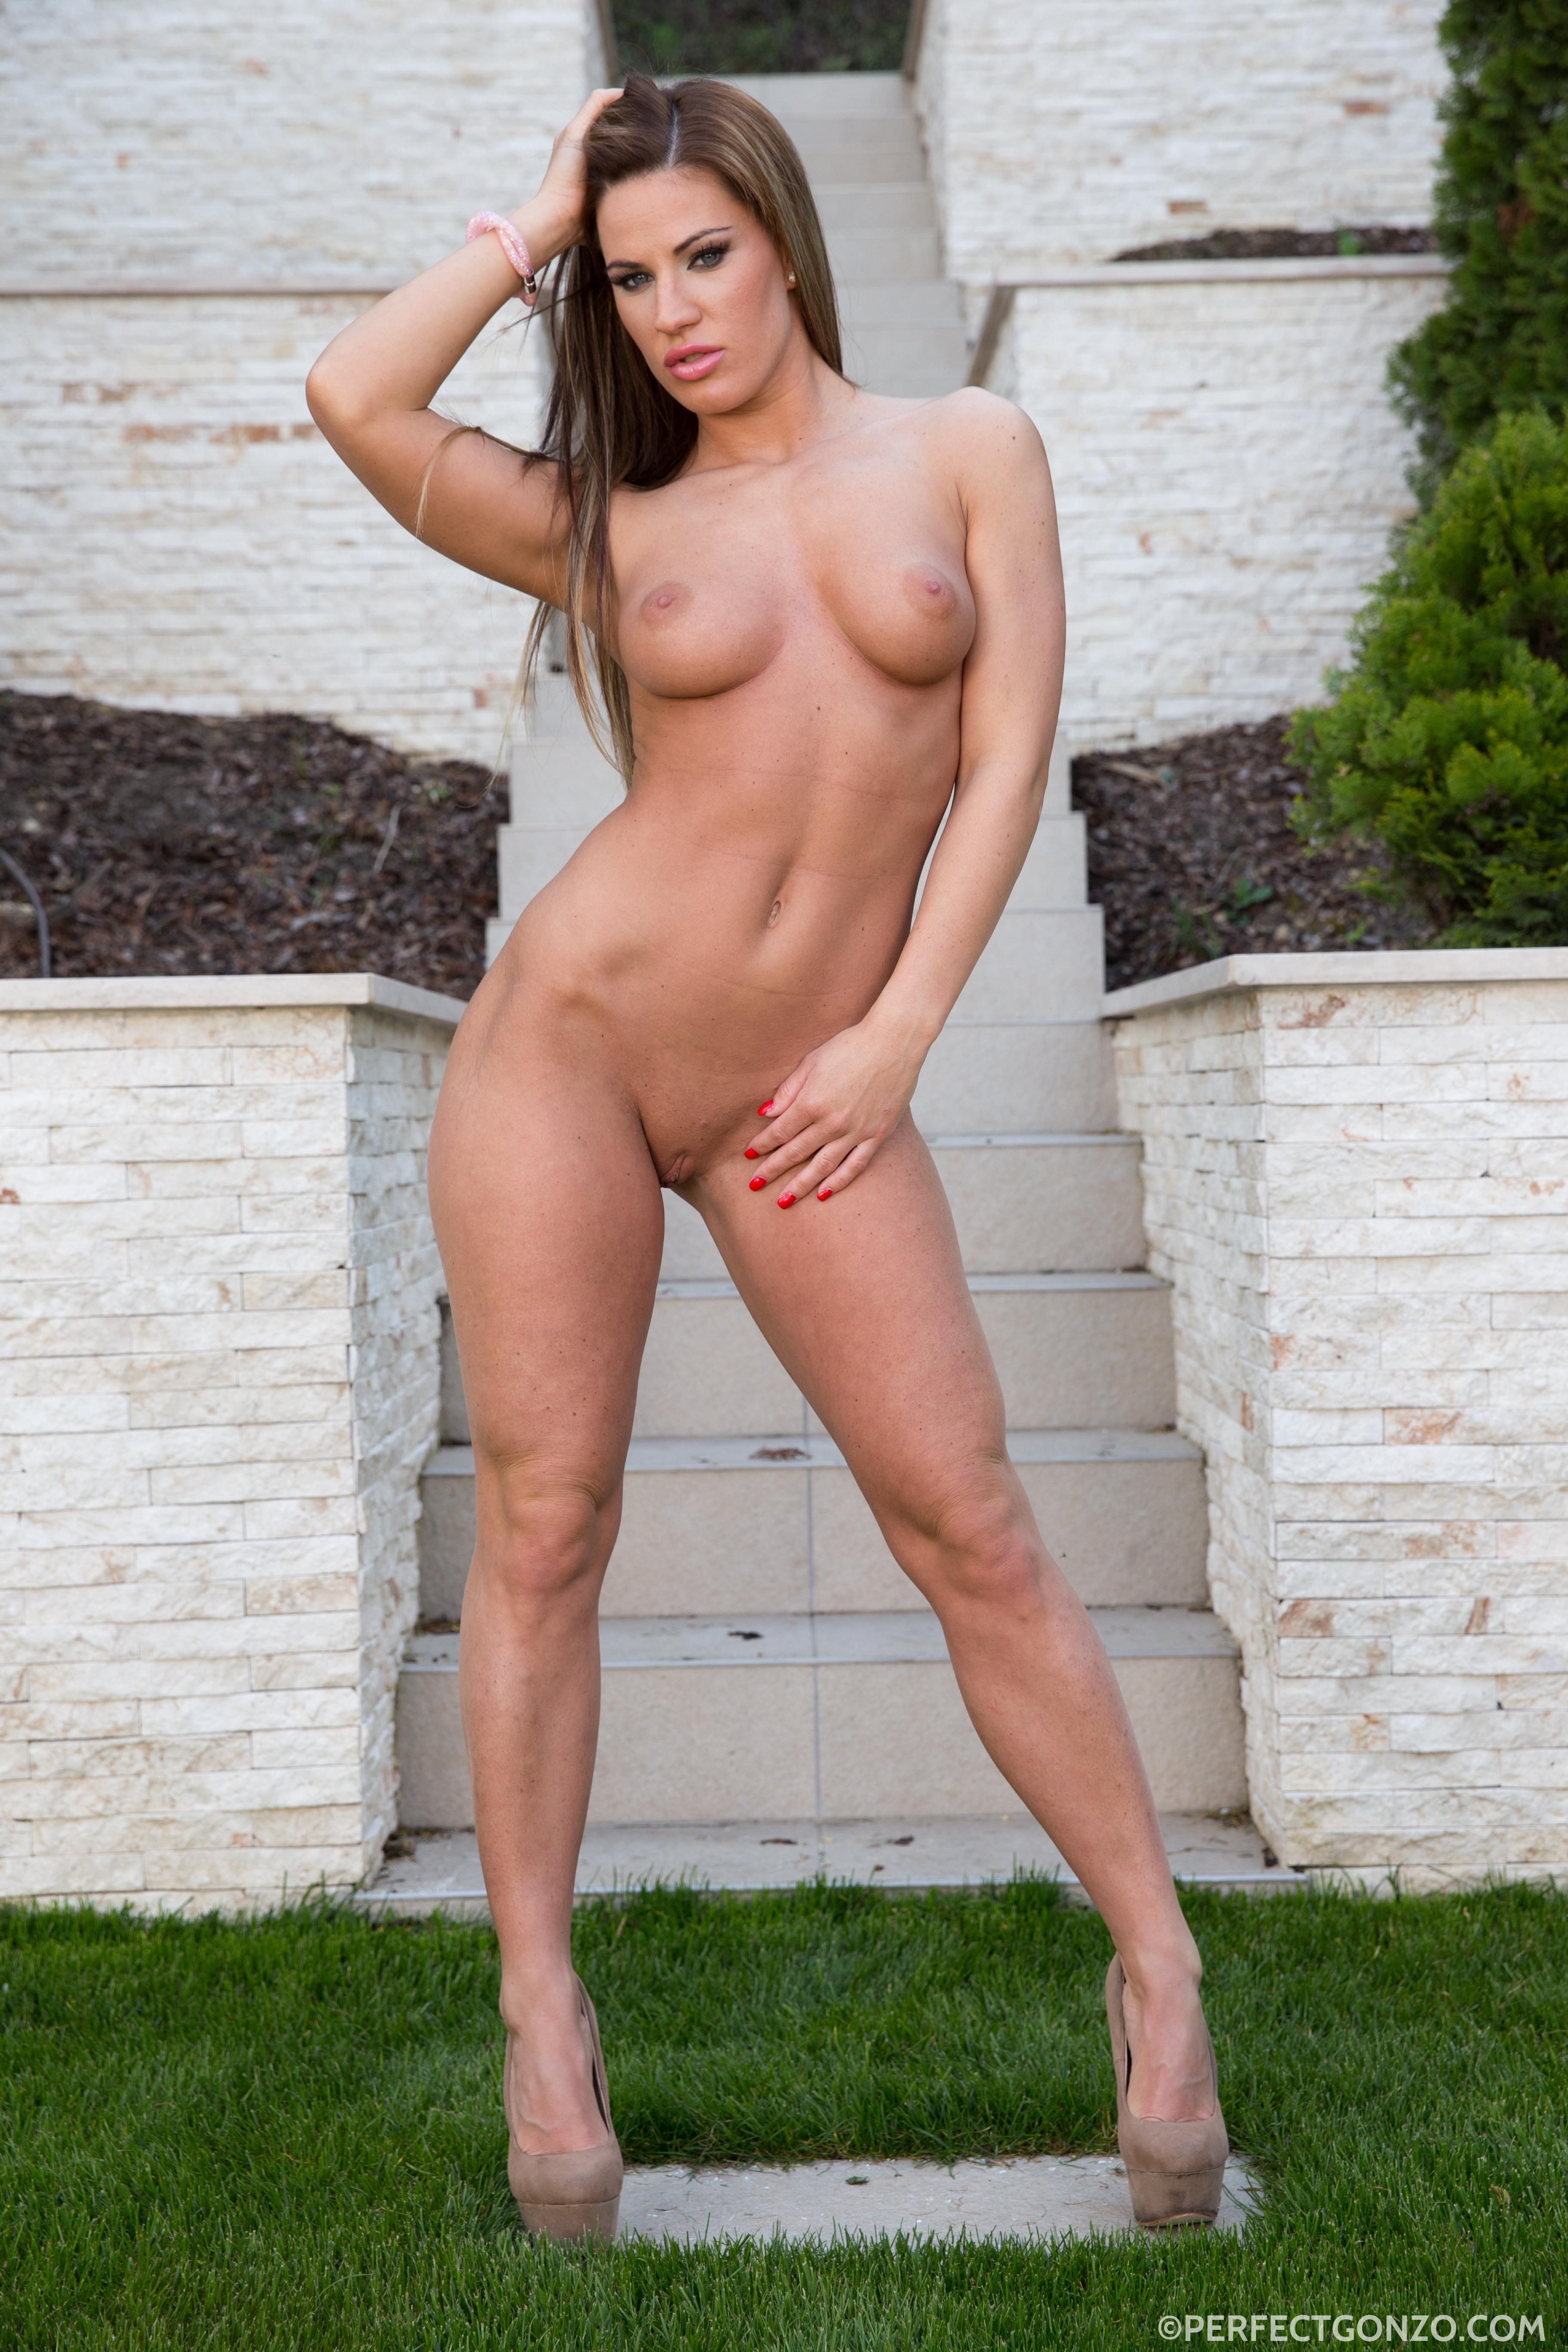 samples-bravo-nude-nikki-freeones-blog